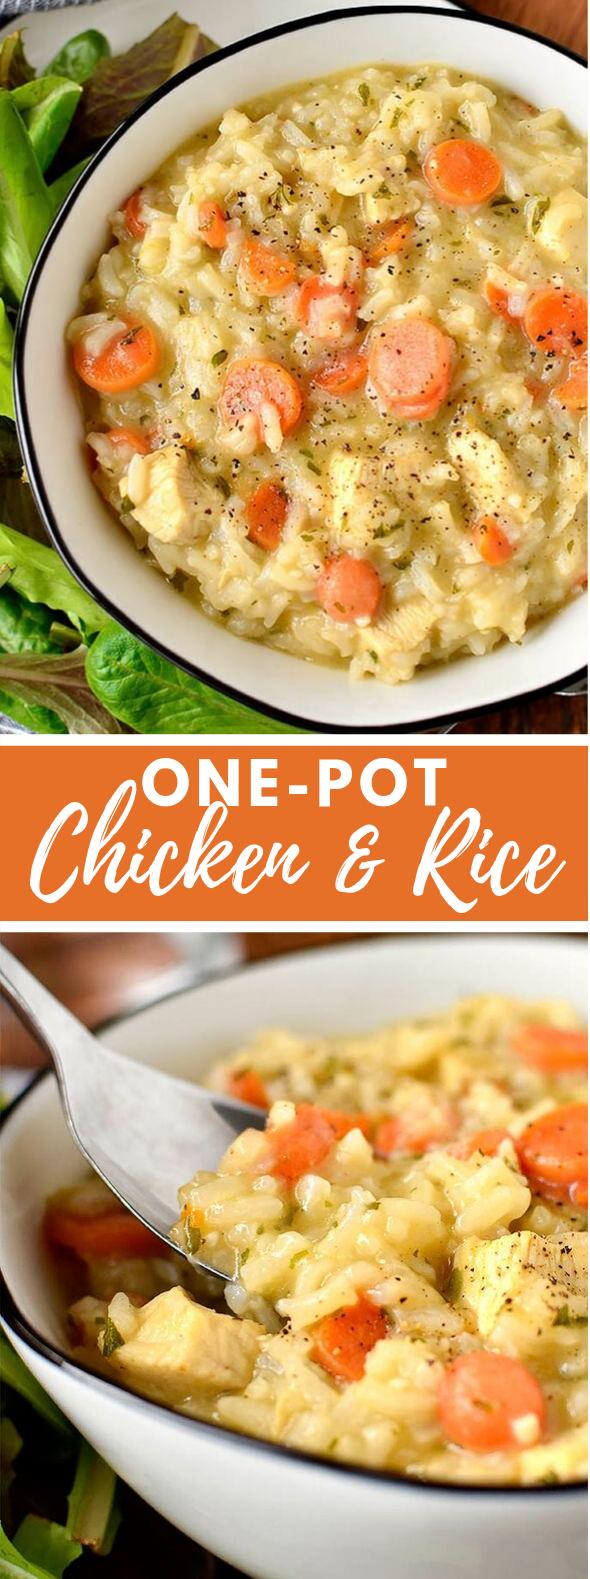 One-Pot Chicken and Rice #dinner #glutenfree